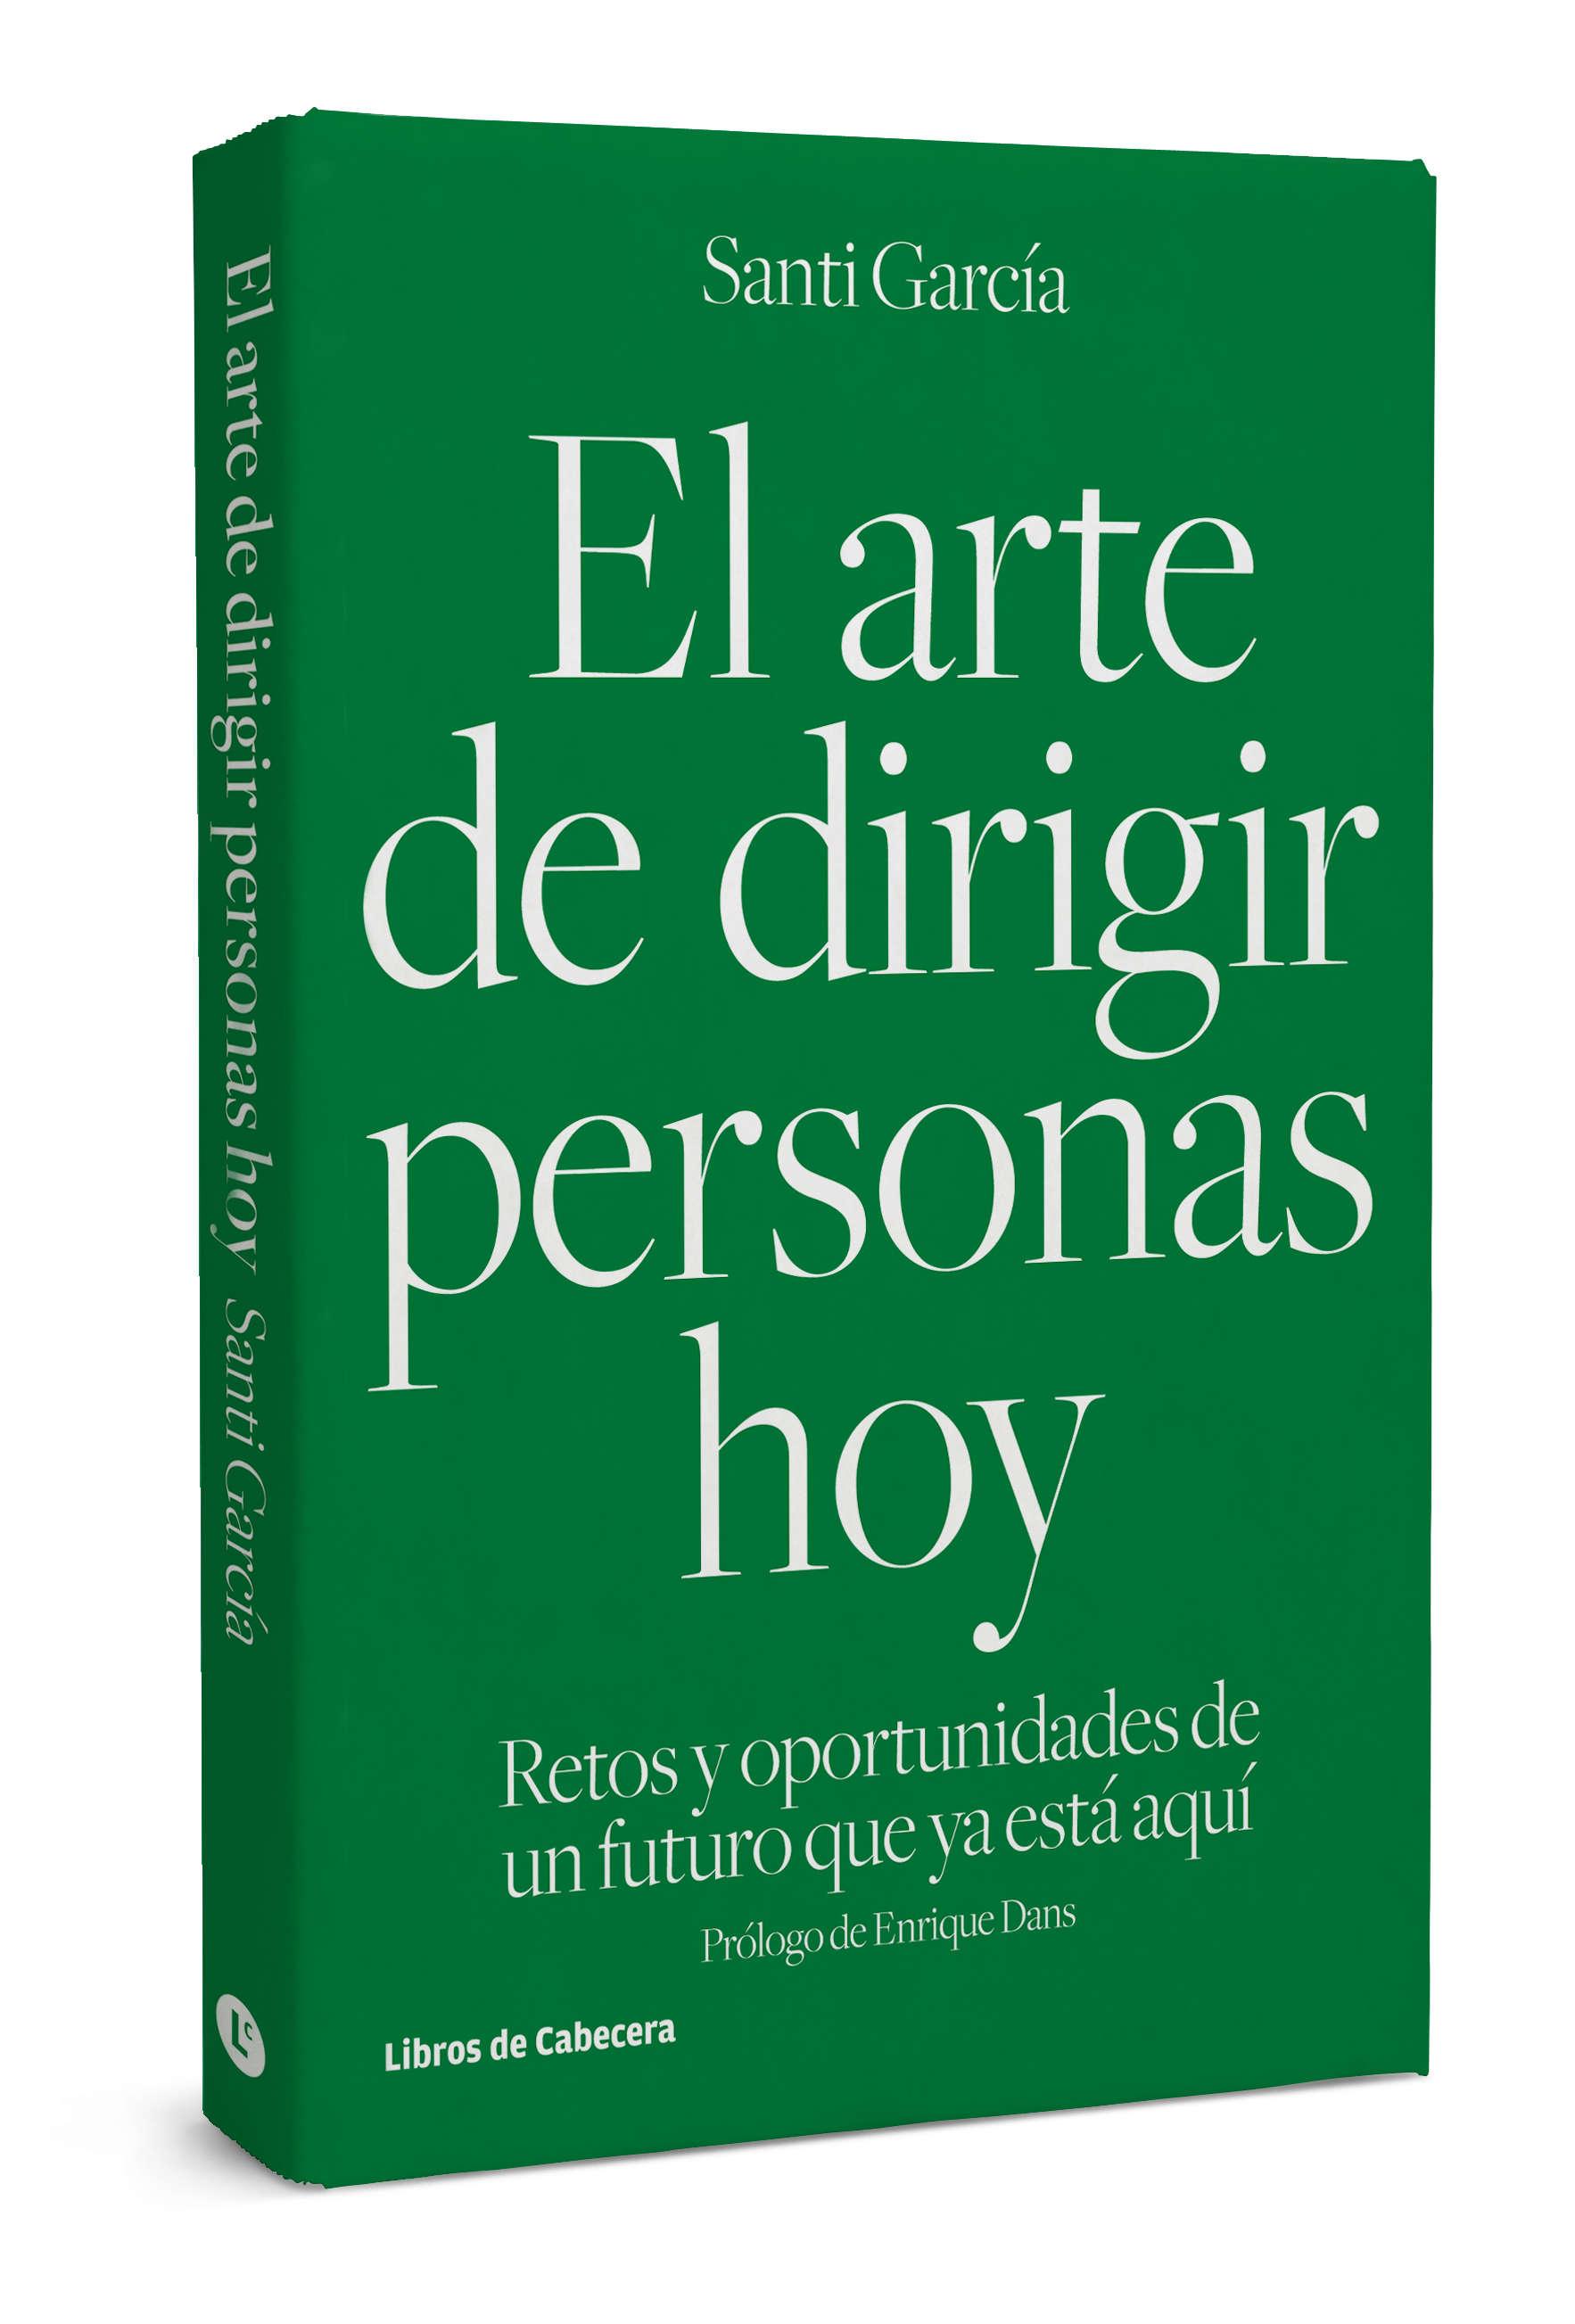 El arte de dirigir personas hoy - Santiago García García